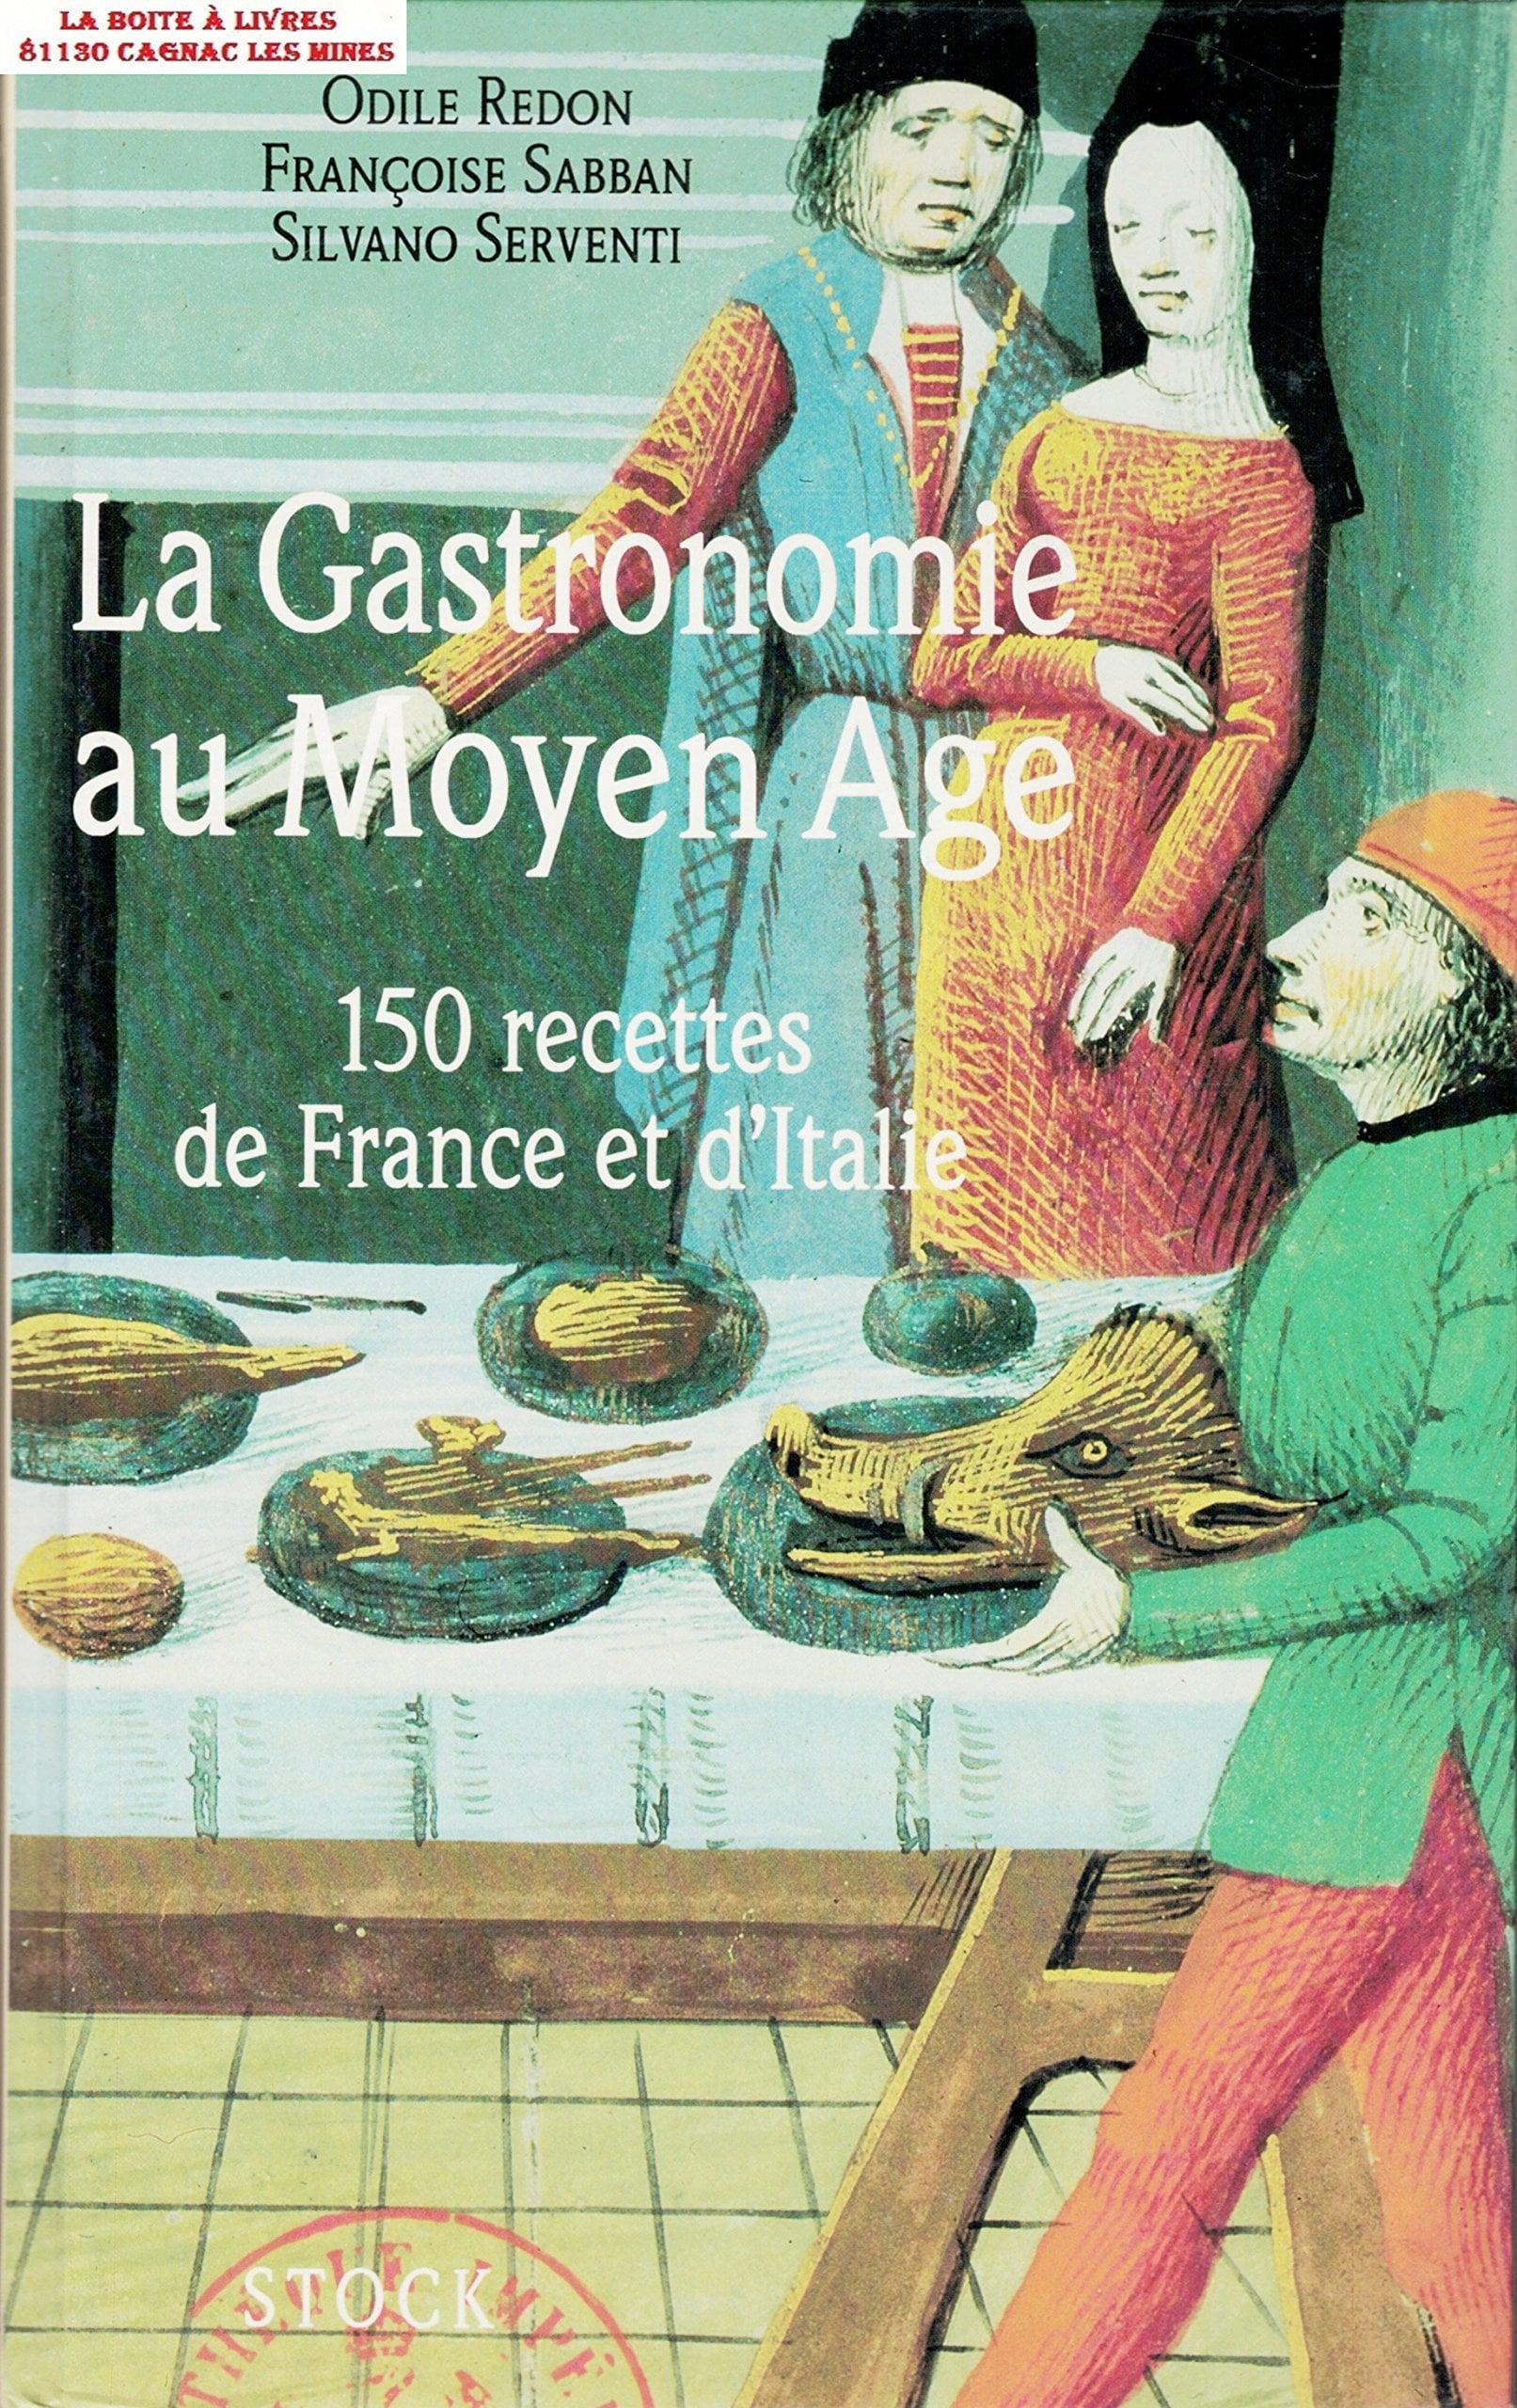 La Gastronomie au Moyen Âge : 150 recettes de France et d'Italie